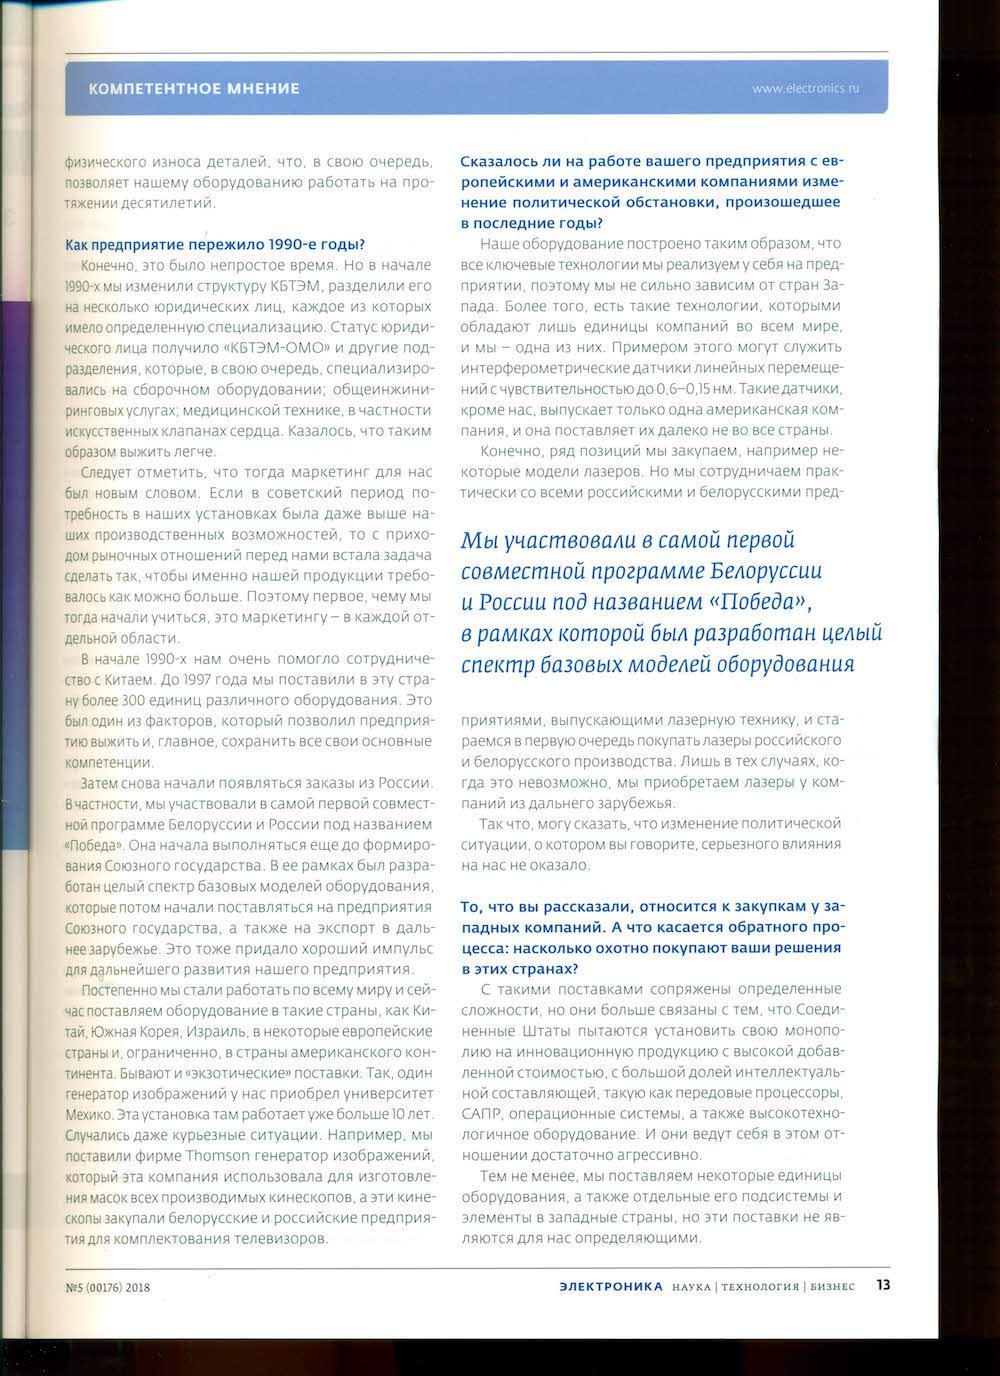 Интервью директора ОАО «КБТЭМ-ОМО» в журнале «Электроника: НТБ» 2018